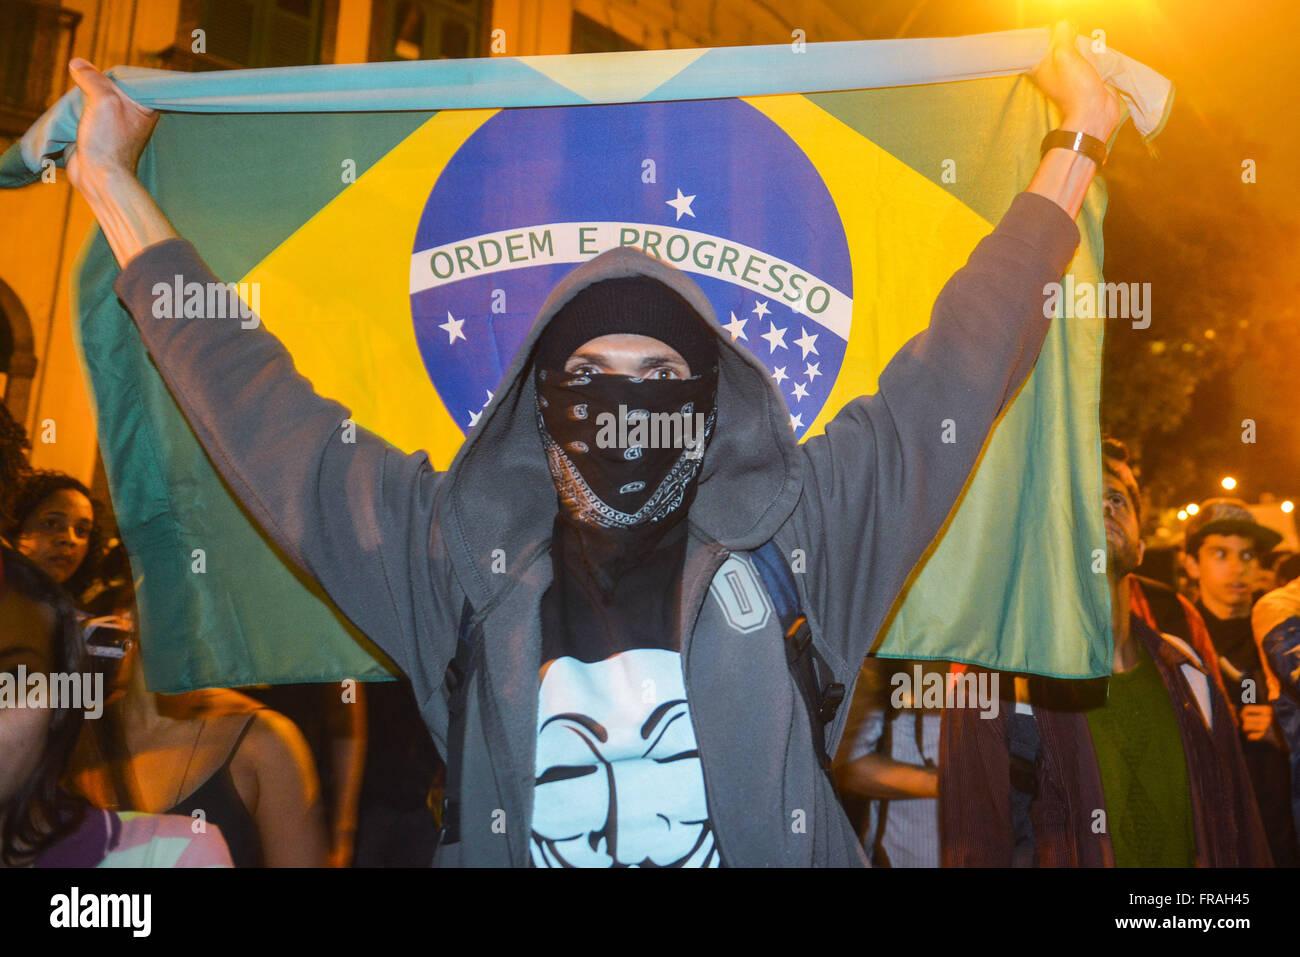 Manifestant avec drapeau du Brésil en signe de protestation lors de la visite du Pape Francisco Photo Stock